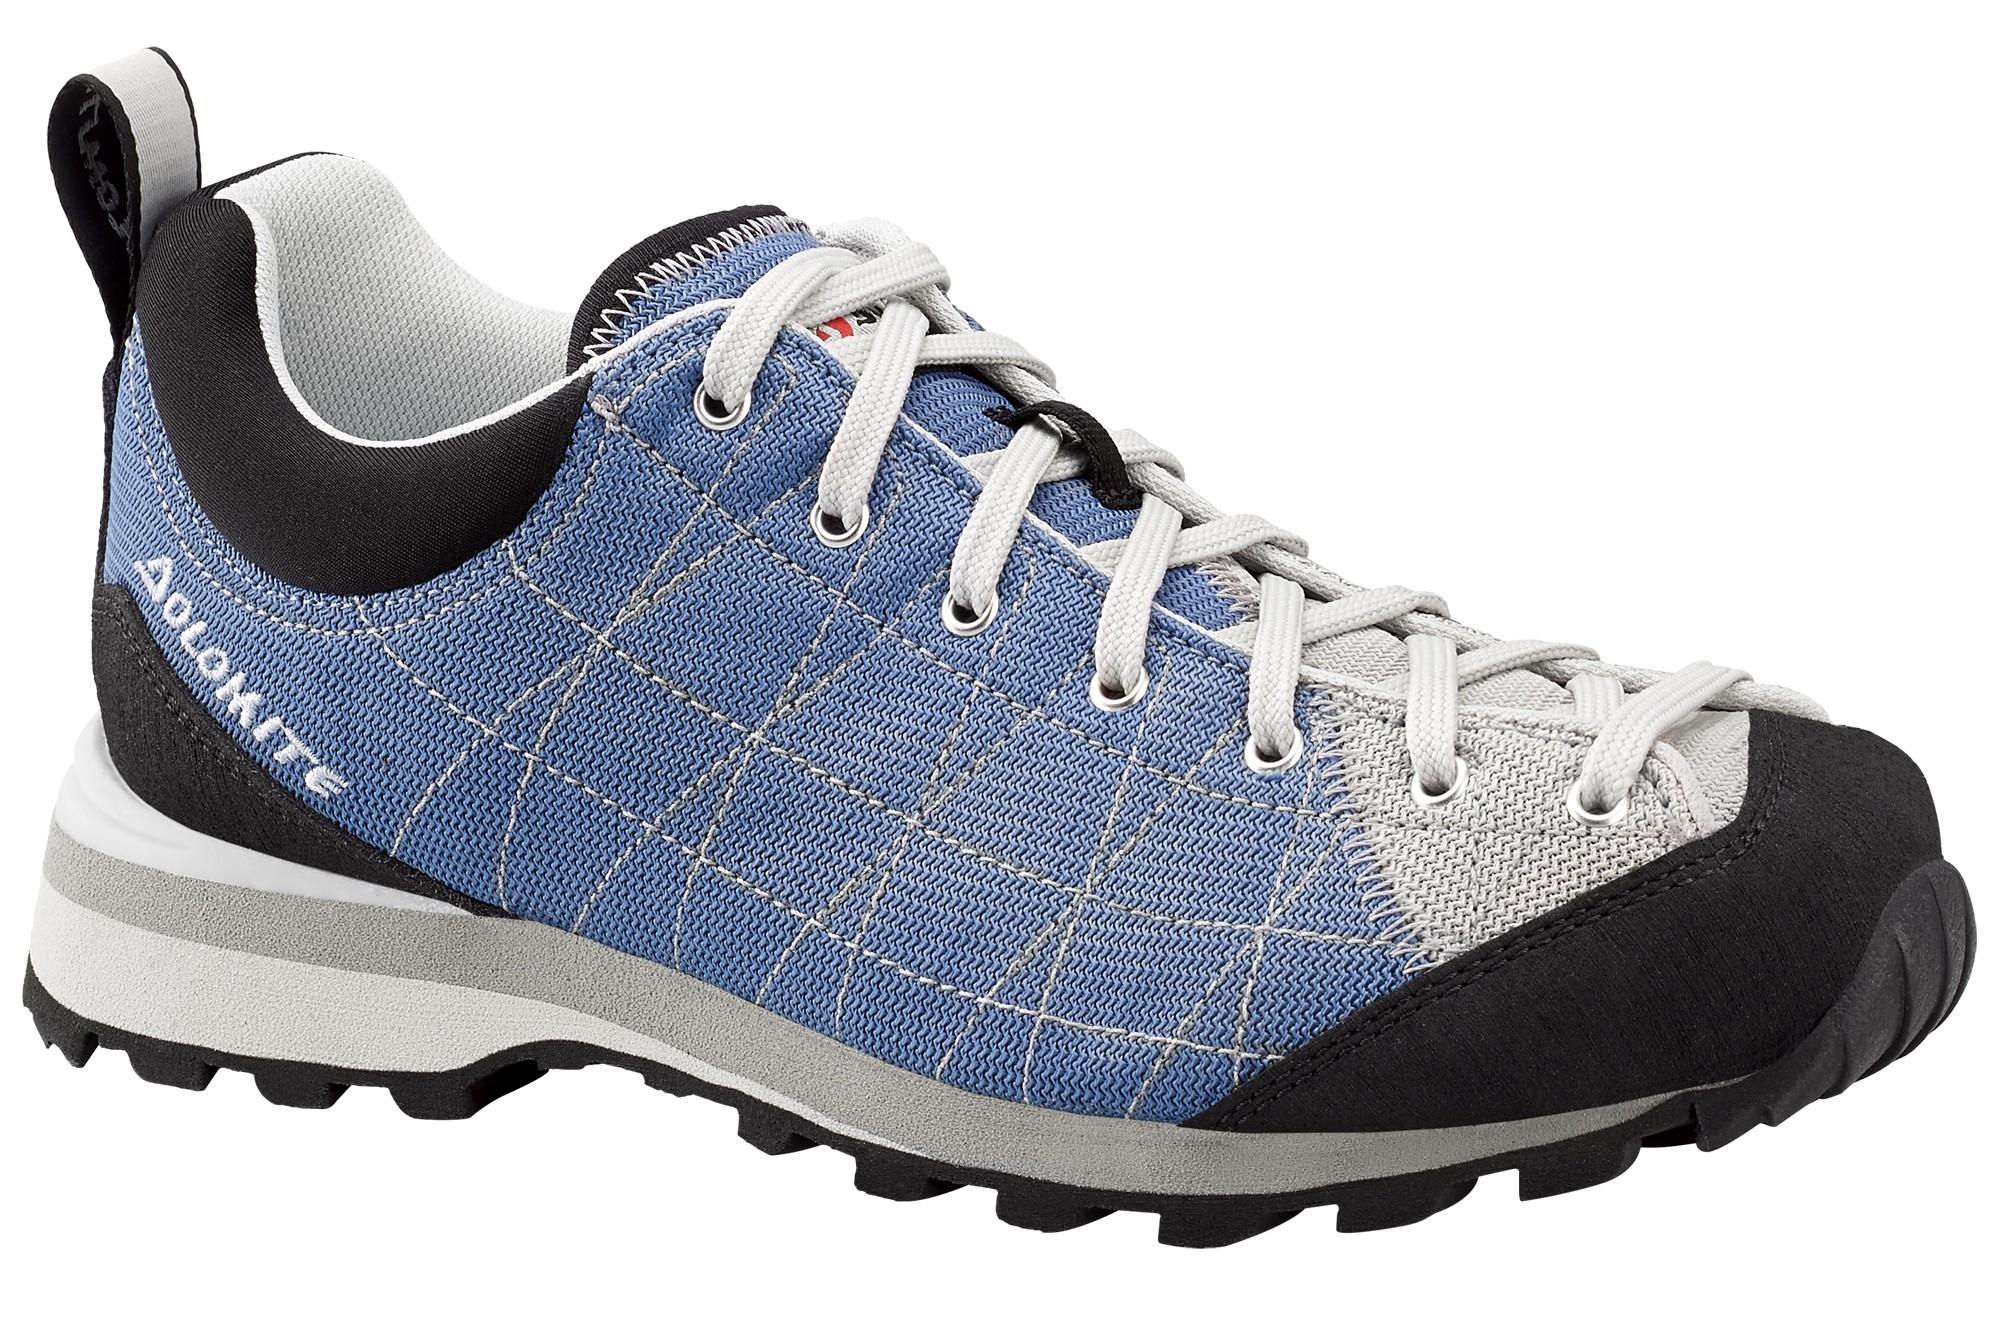 Купить Ботинки для треккинга (низкие) Dolomite 2017 Diagonal Lite Cornflower Blue/Sand Beige Треккинговая обувь 1328392